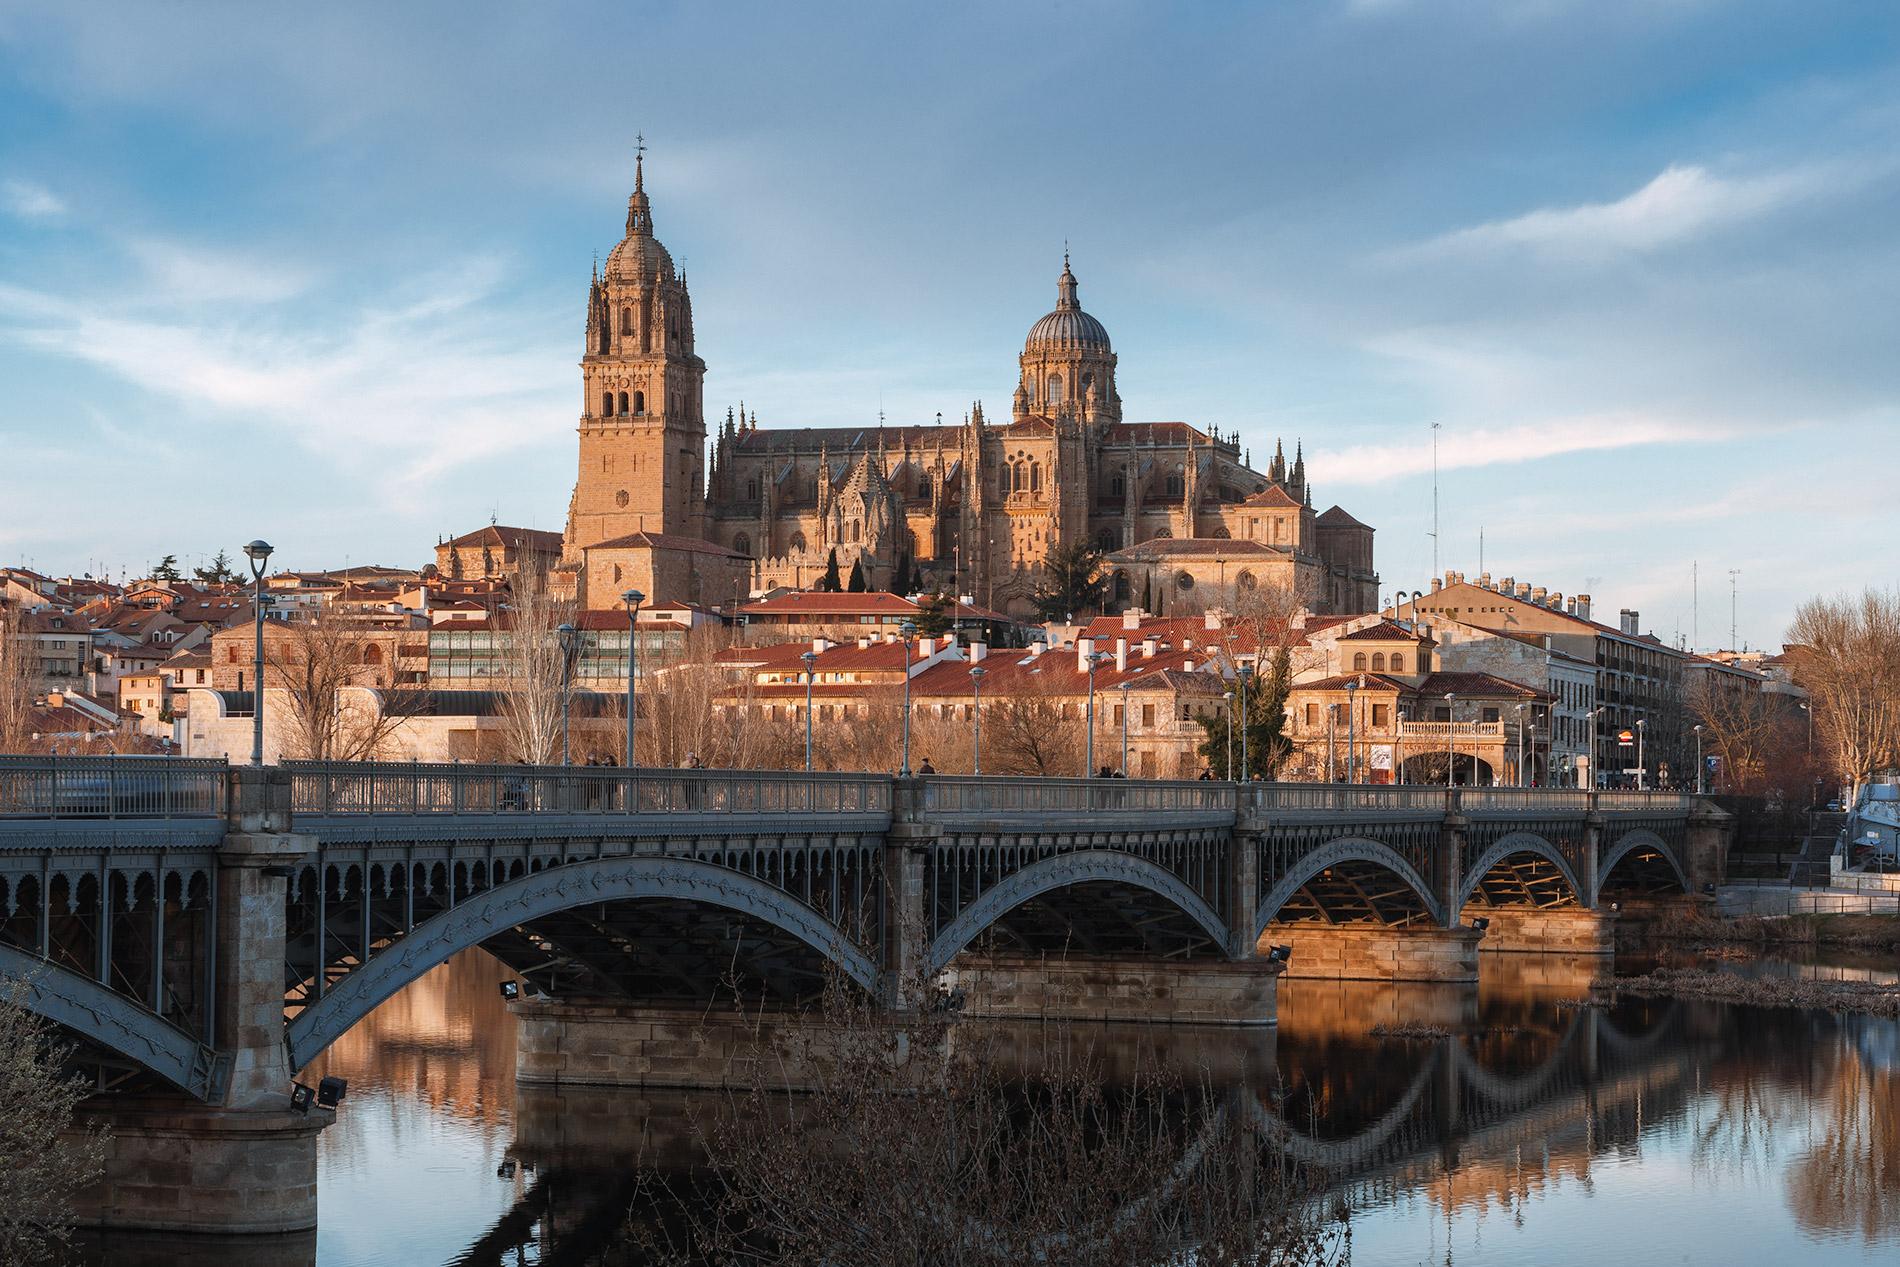 Vista de Salamanca, incluindo a sua imponente Catedral